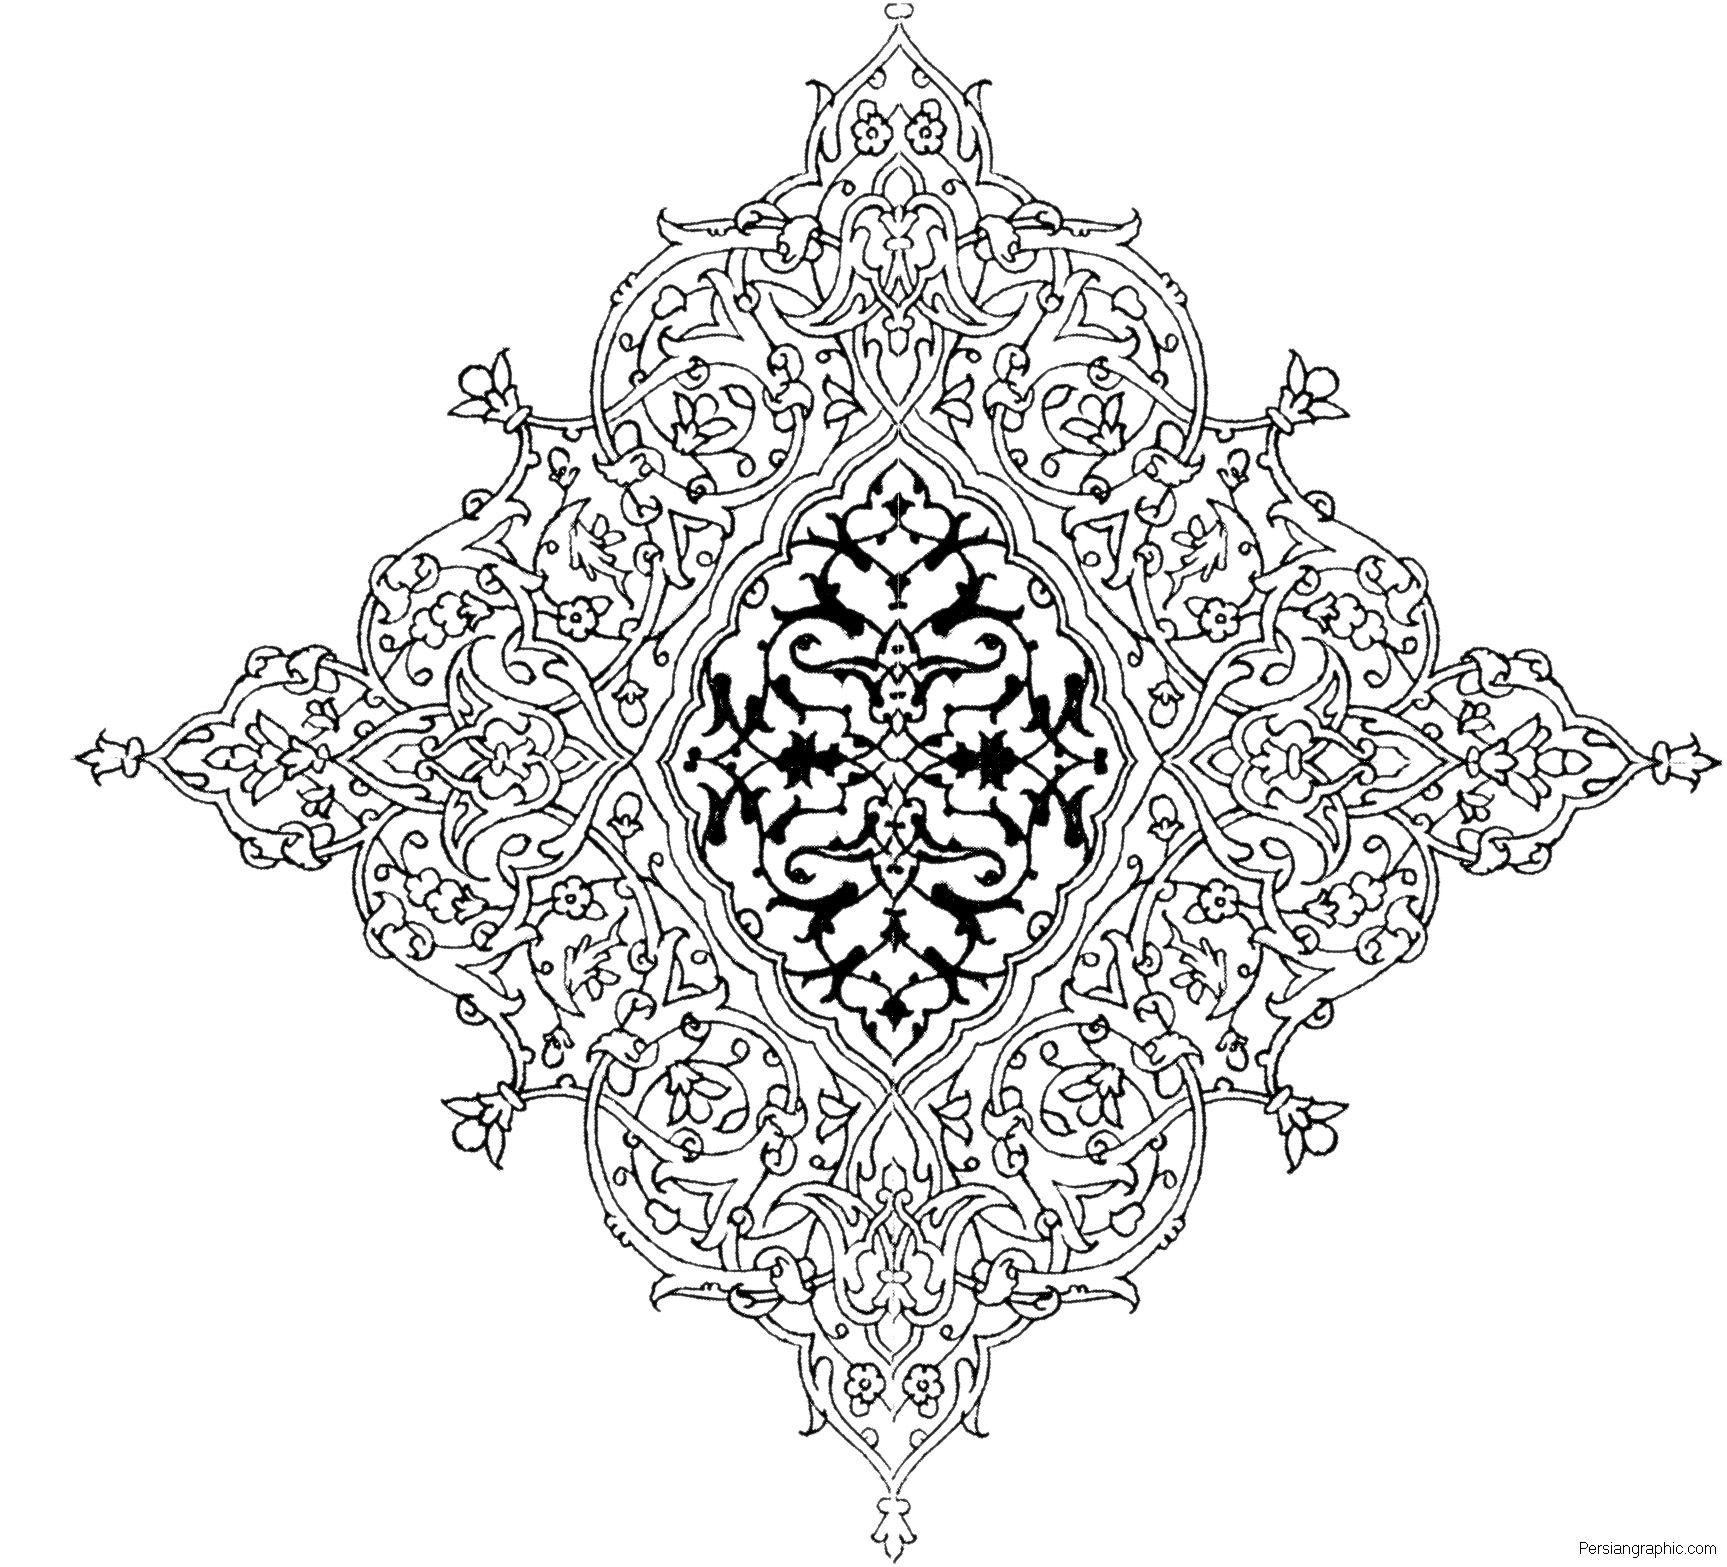 eslimi_8_8_8.jpg (8×8)  Islamische muster